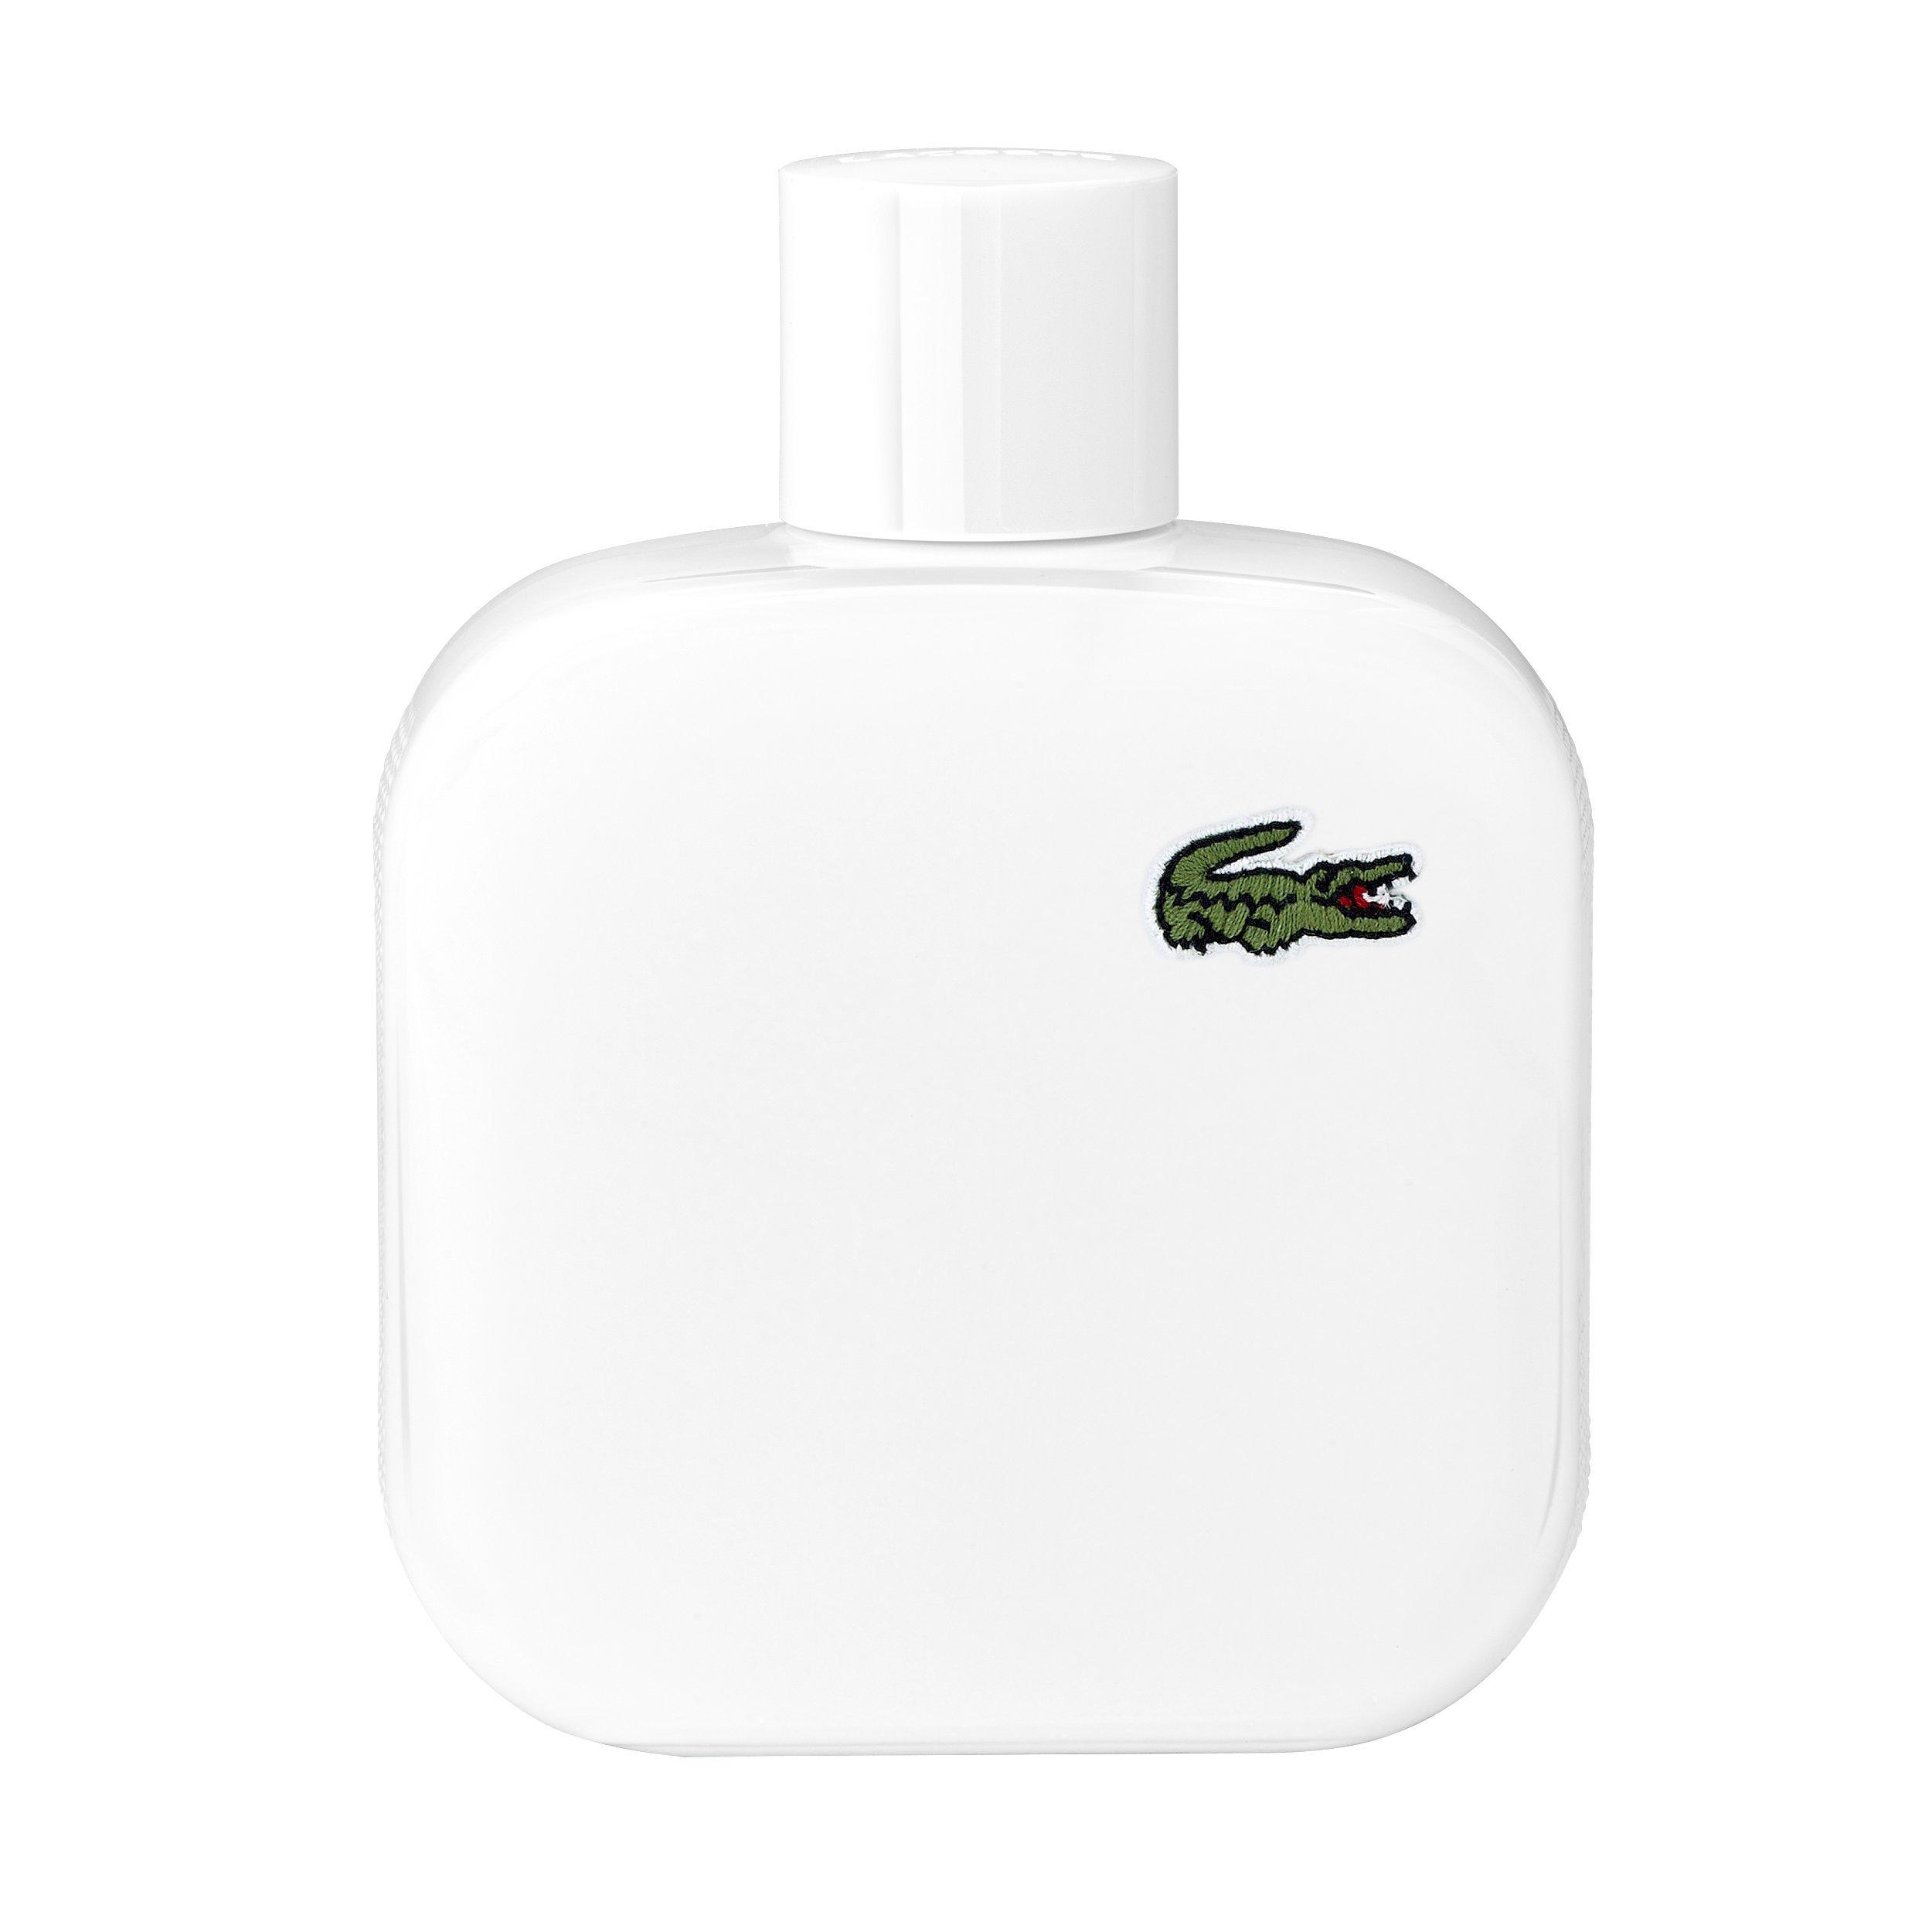 Lacoste Eau de Lacoste Blanc Pure, 3.3 Fl Oz